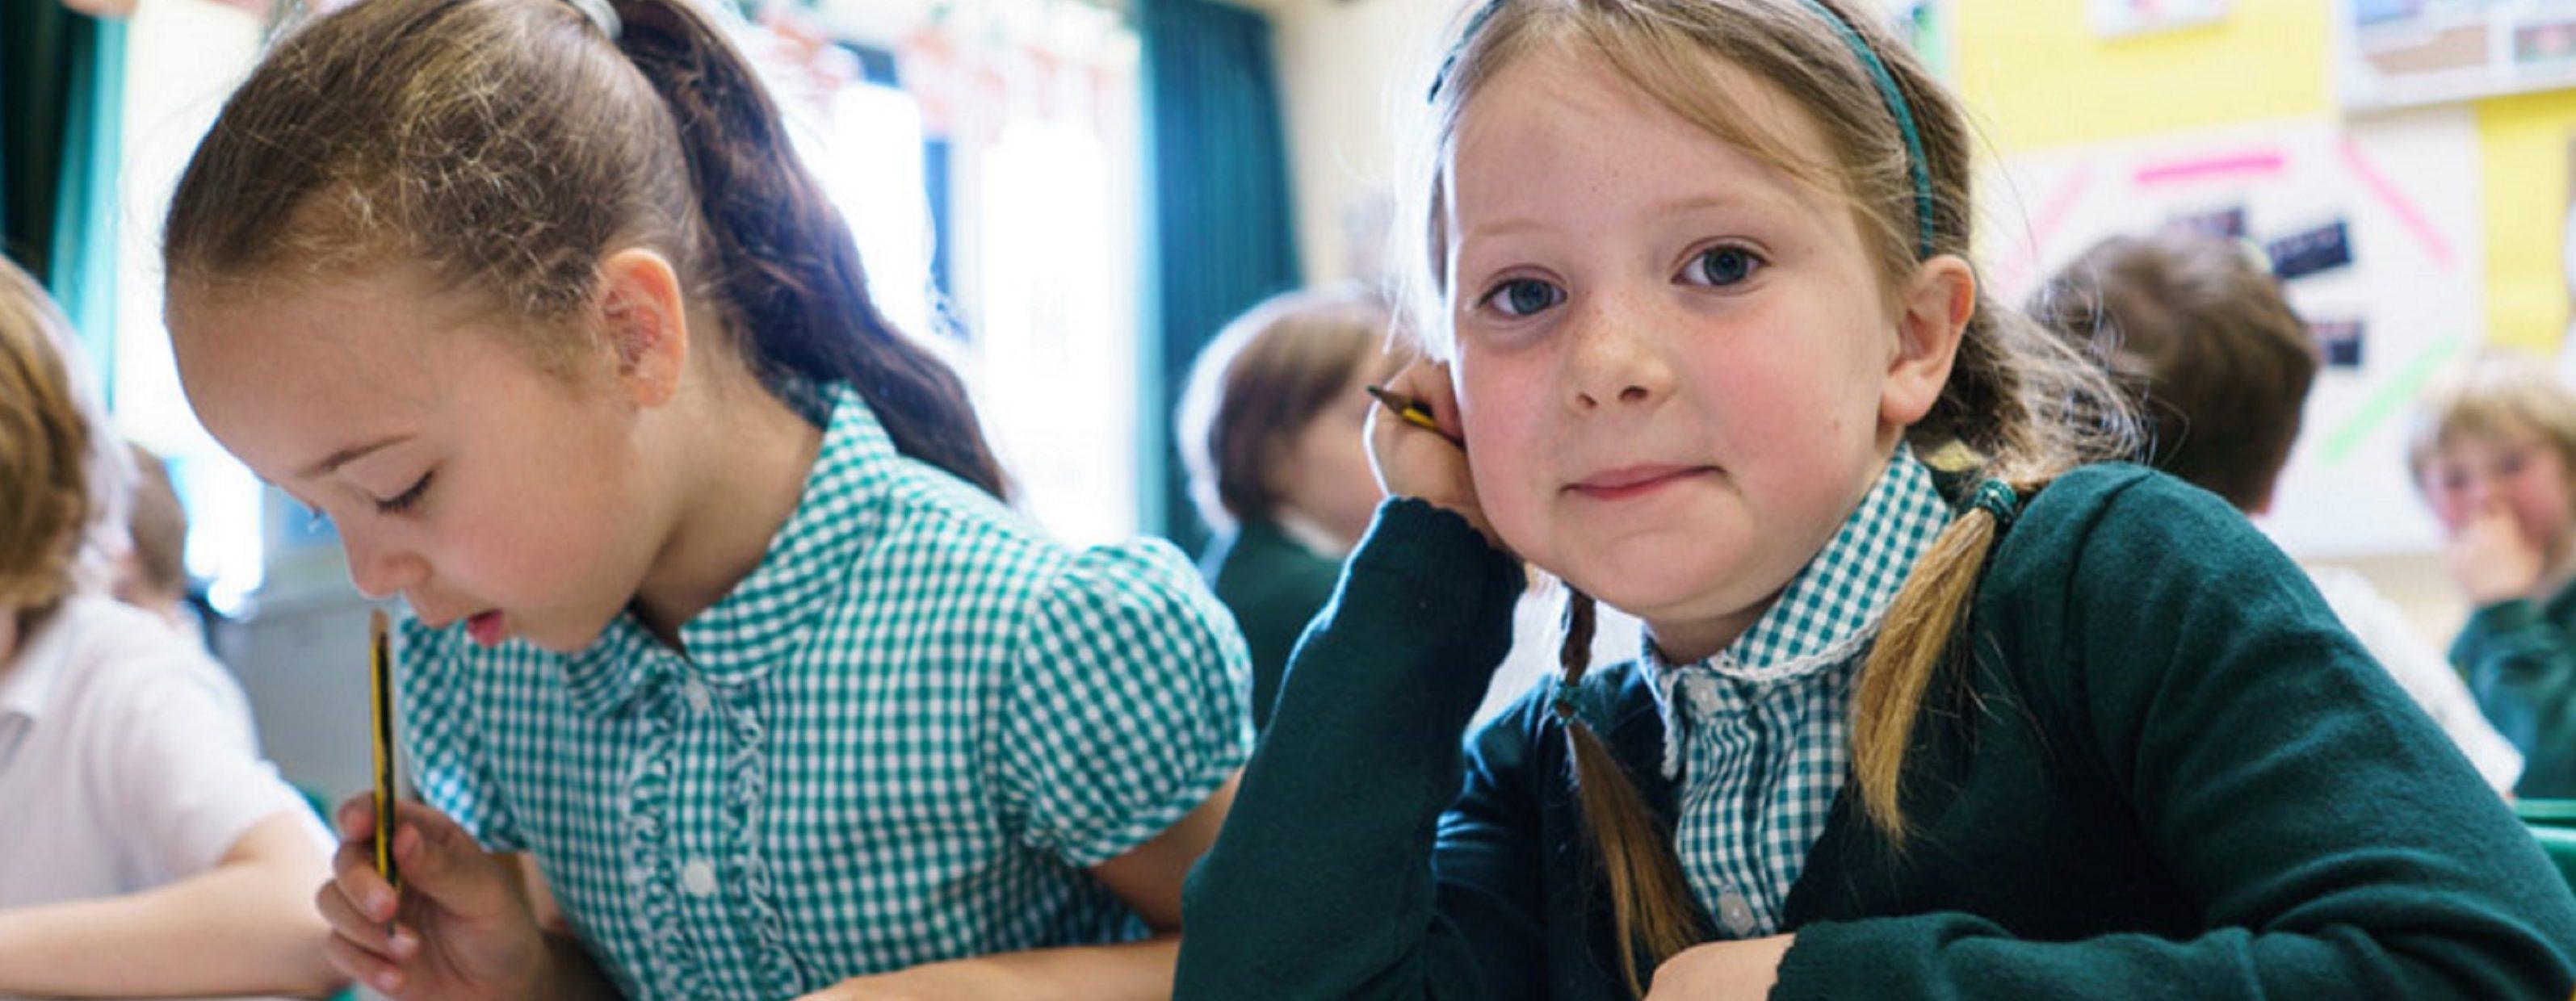 Bridport Primary - Photo 1